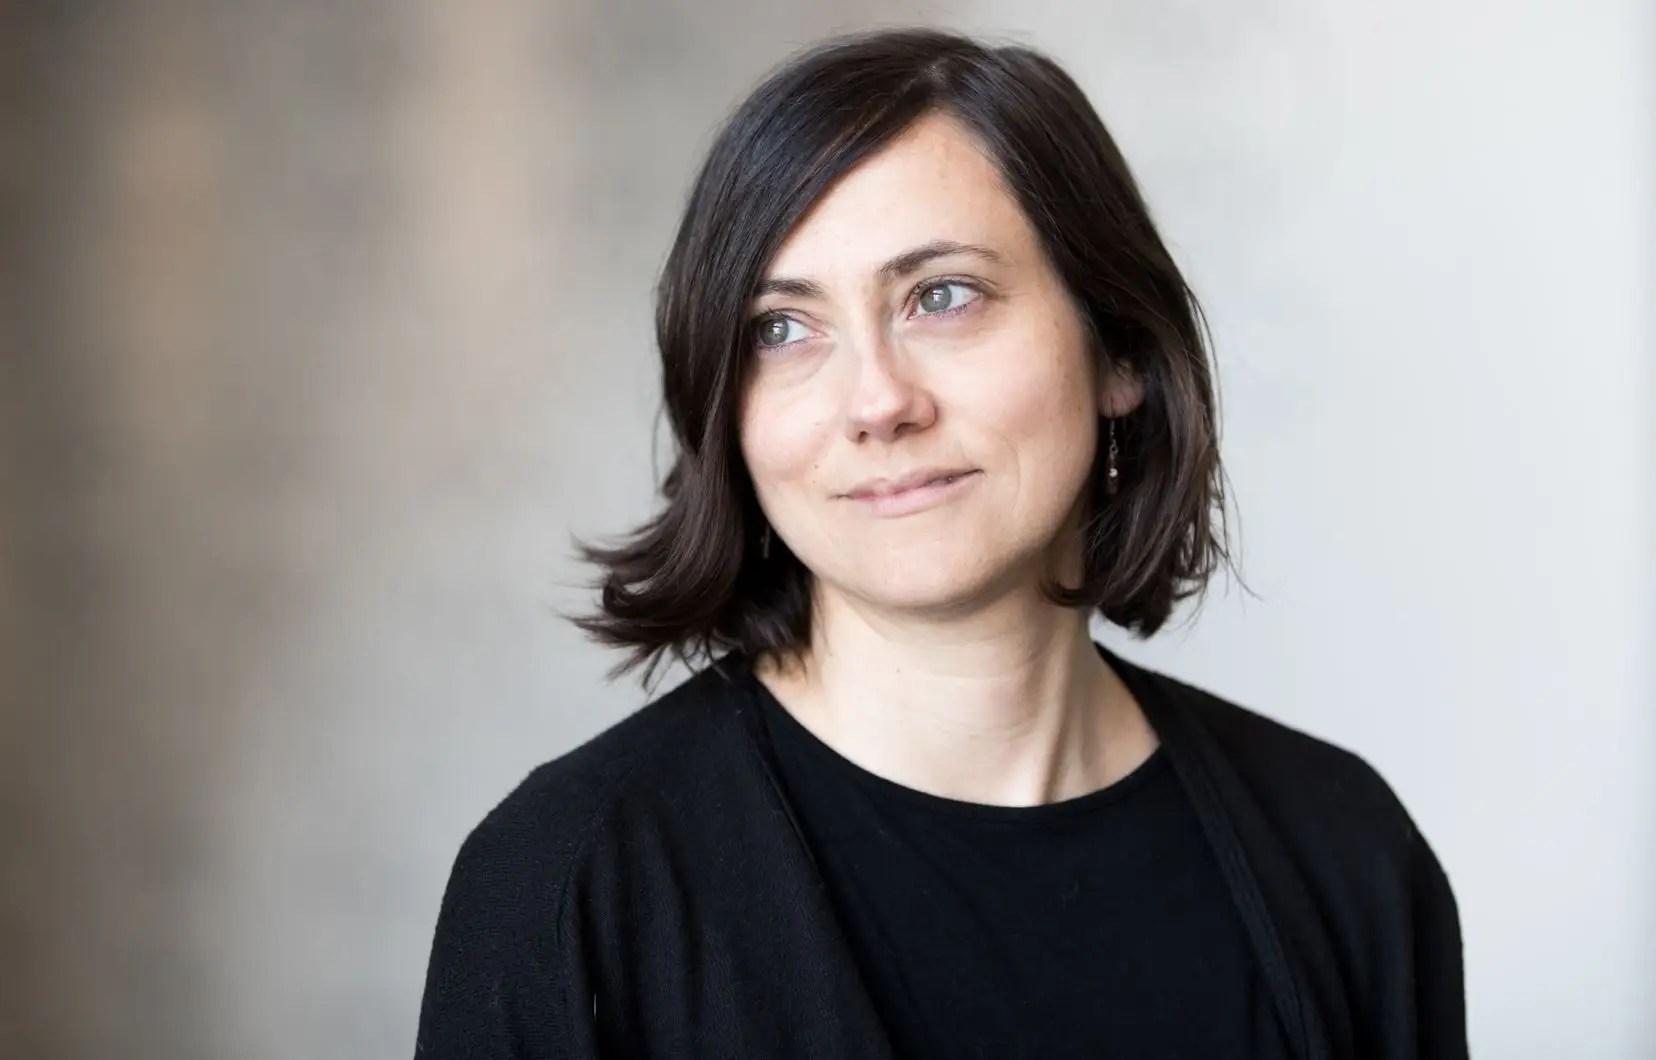 La Montréalaise Catherine Lavarenne signe son premier livre.